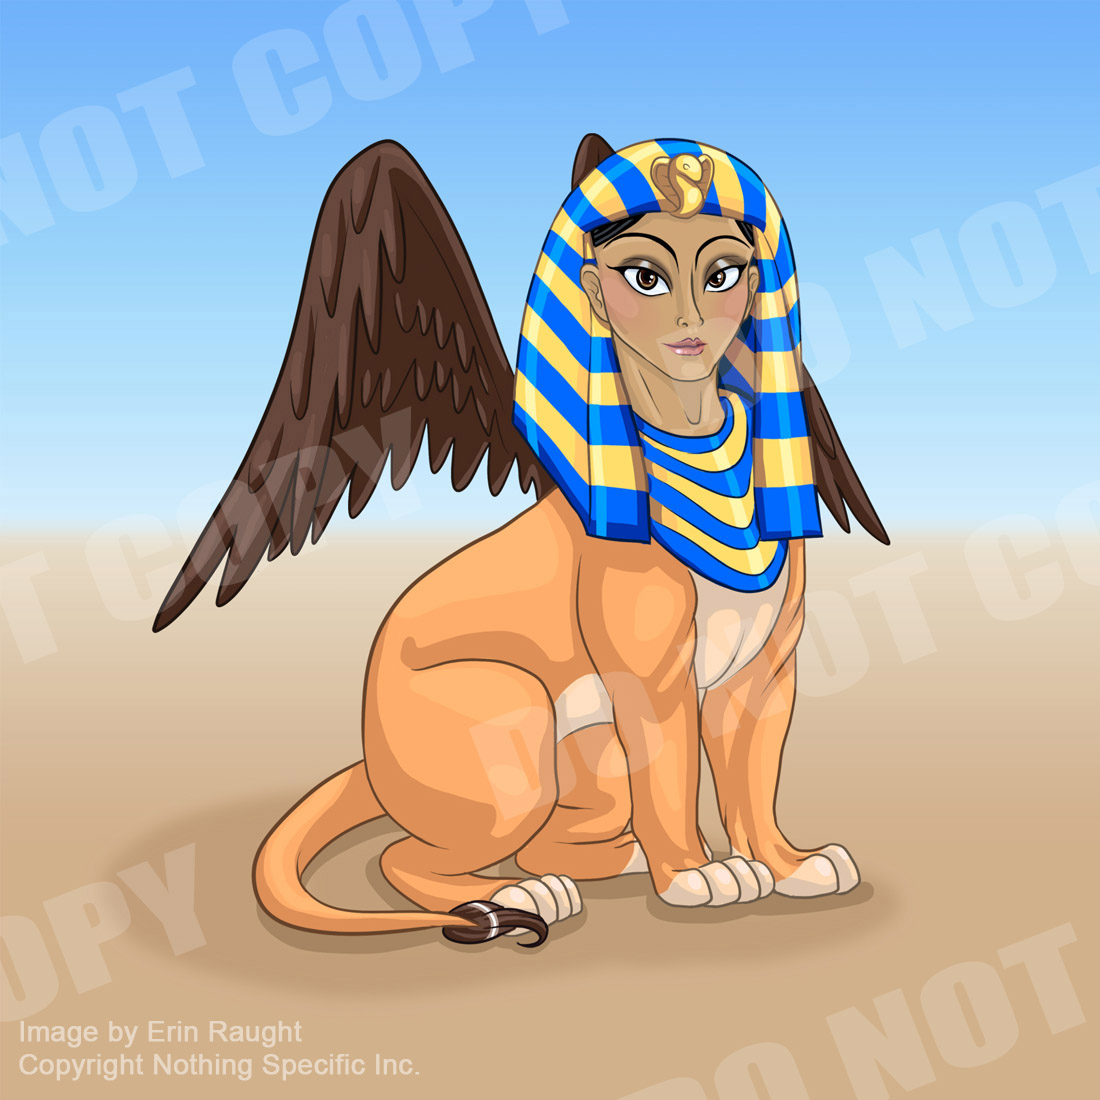 7465 - Sphinx - Egyptian Mythological Creature.jpg